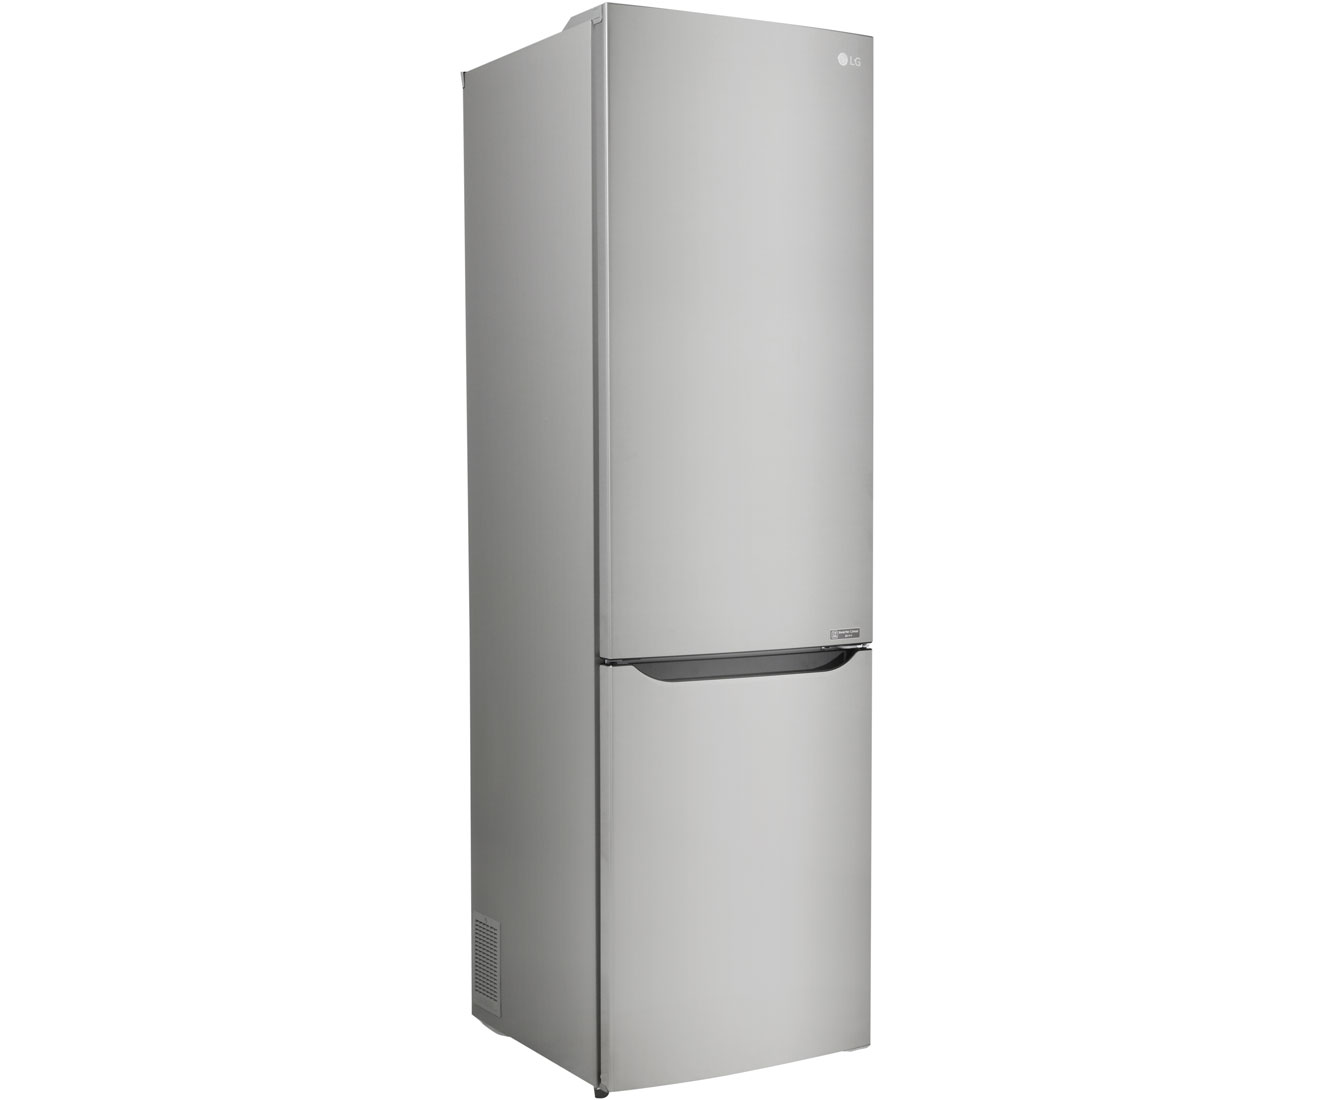 Kühlschrank Lg : Lg kühlschrank geschirrspüler geschirrspülen hausgeräte